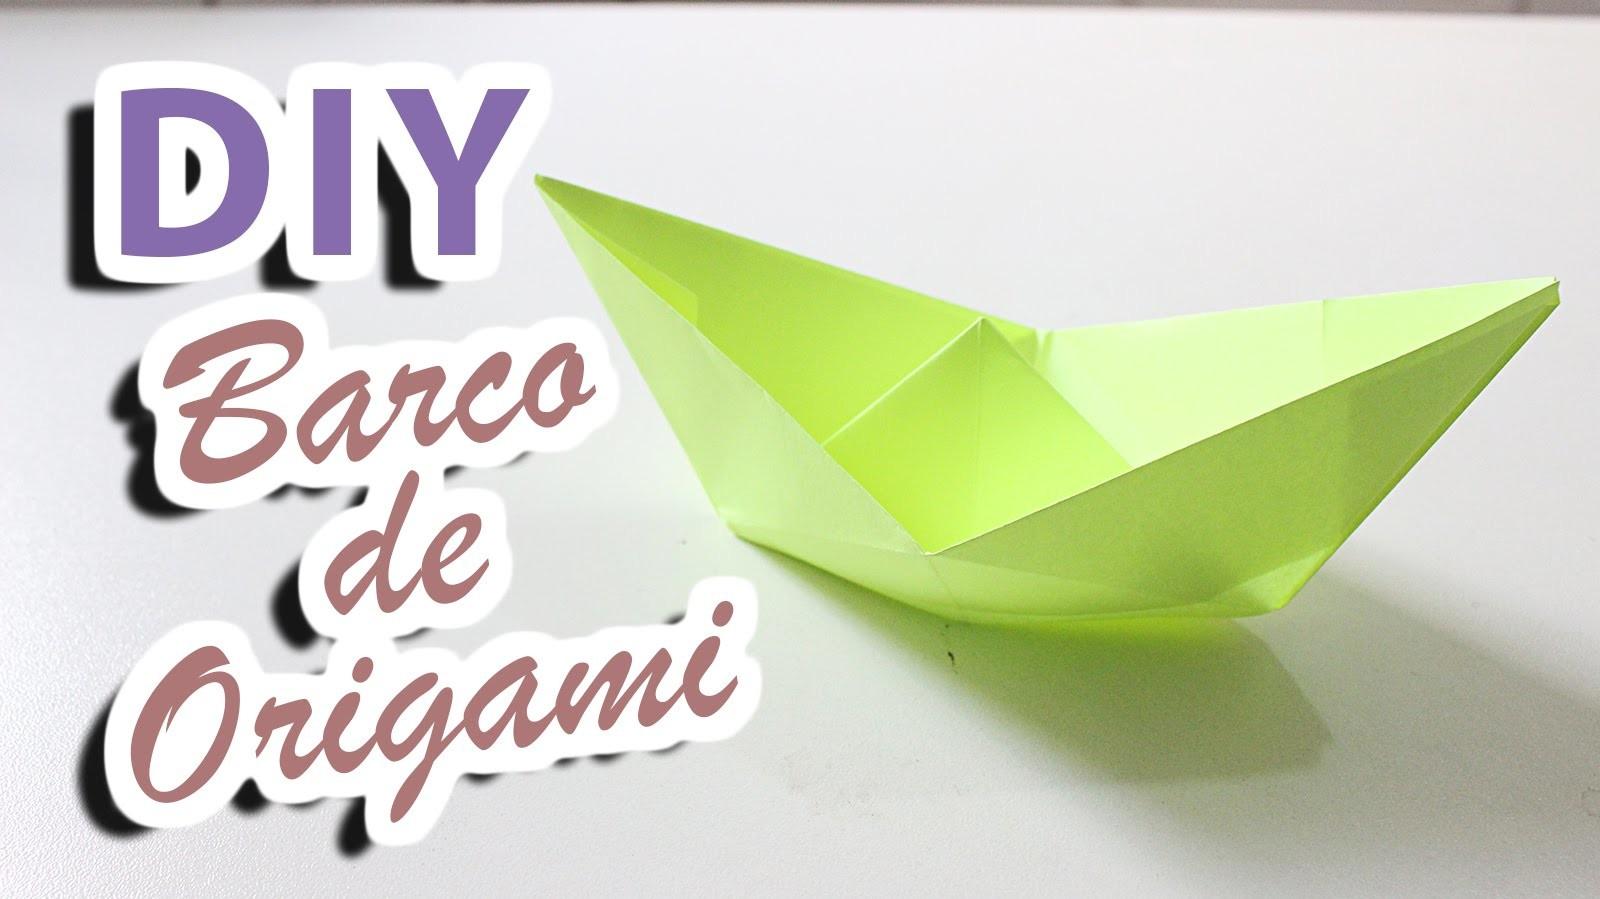 Diy barco de origami